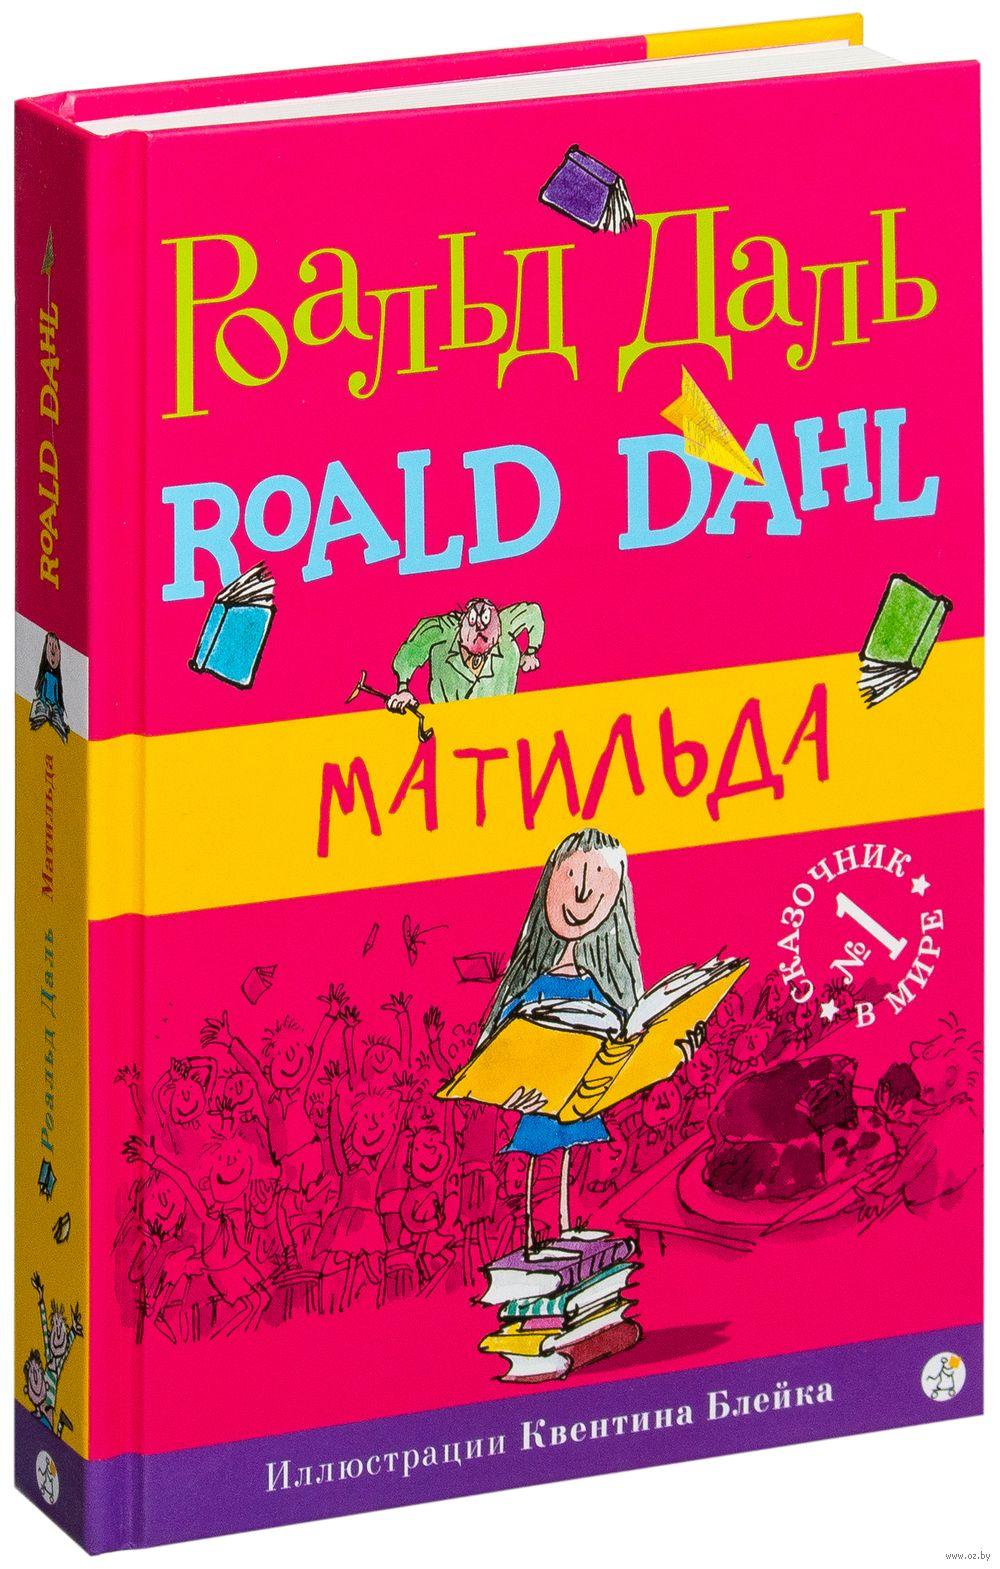 Роальд даль матильда скачать книгу